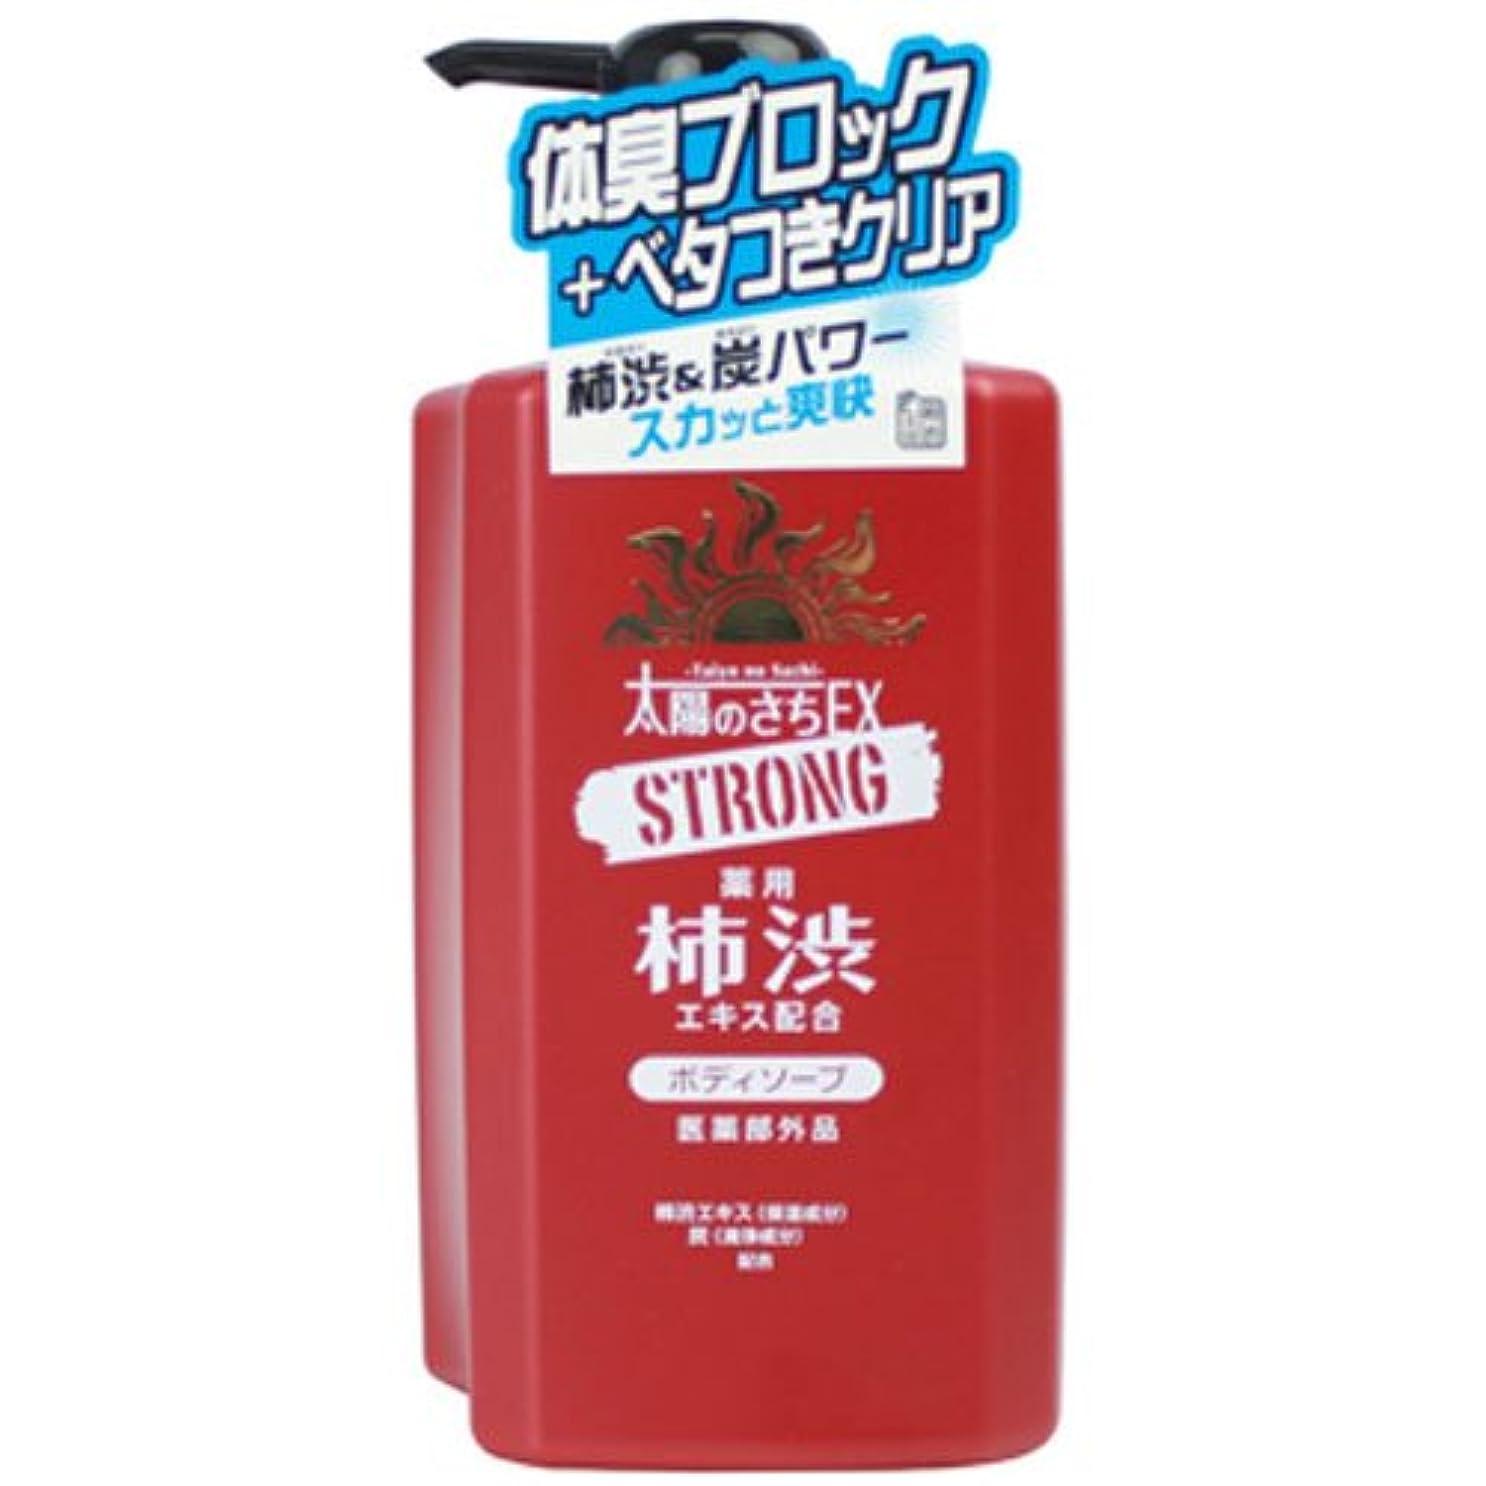 悪質な豆腐花嫁太陽のさちEXストロング ボディソープ本体 400mL (医薬部外品)